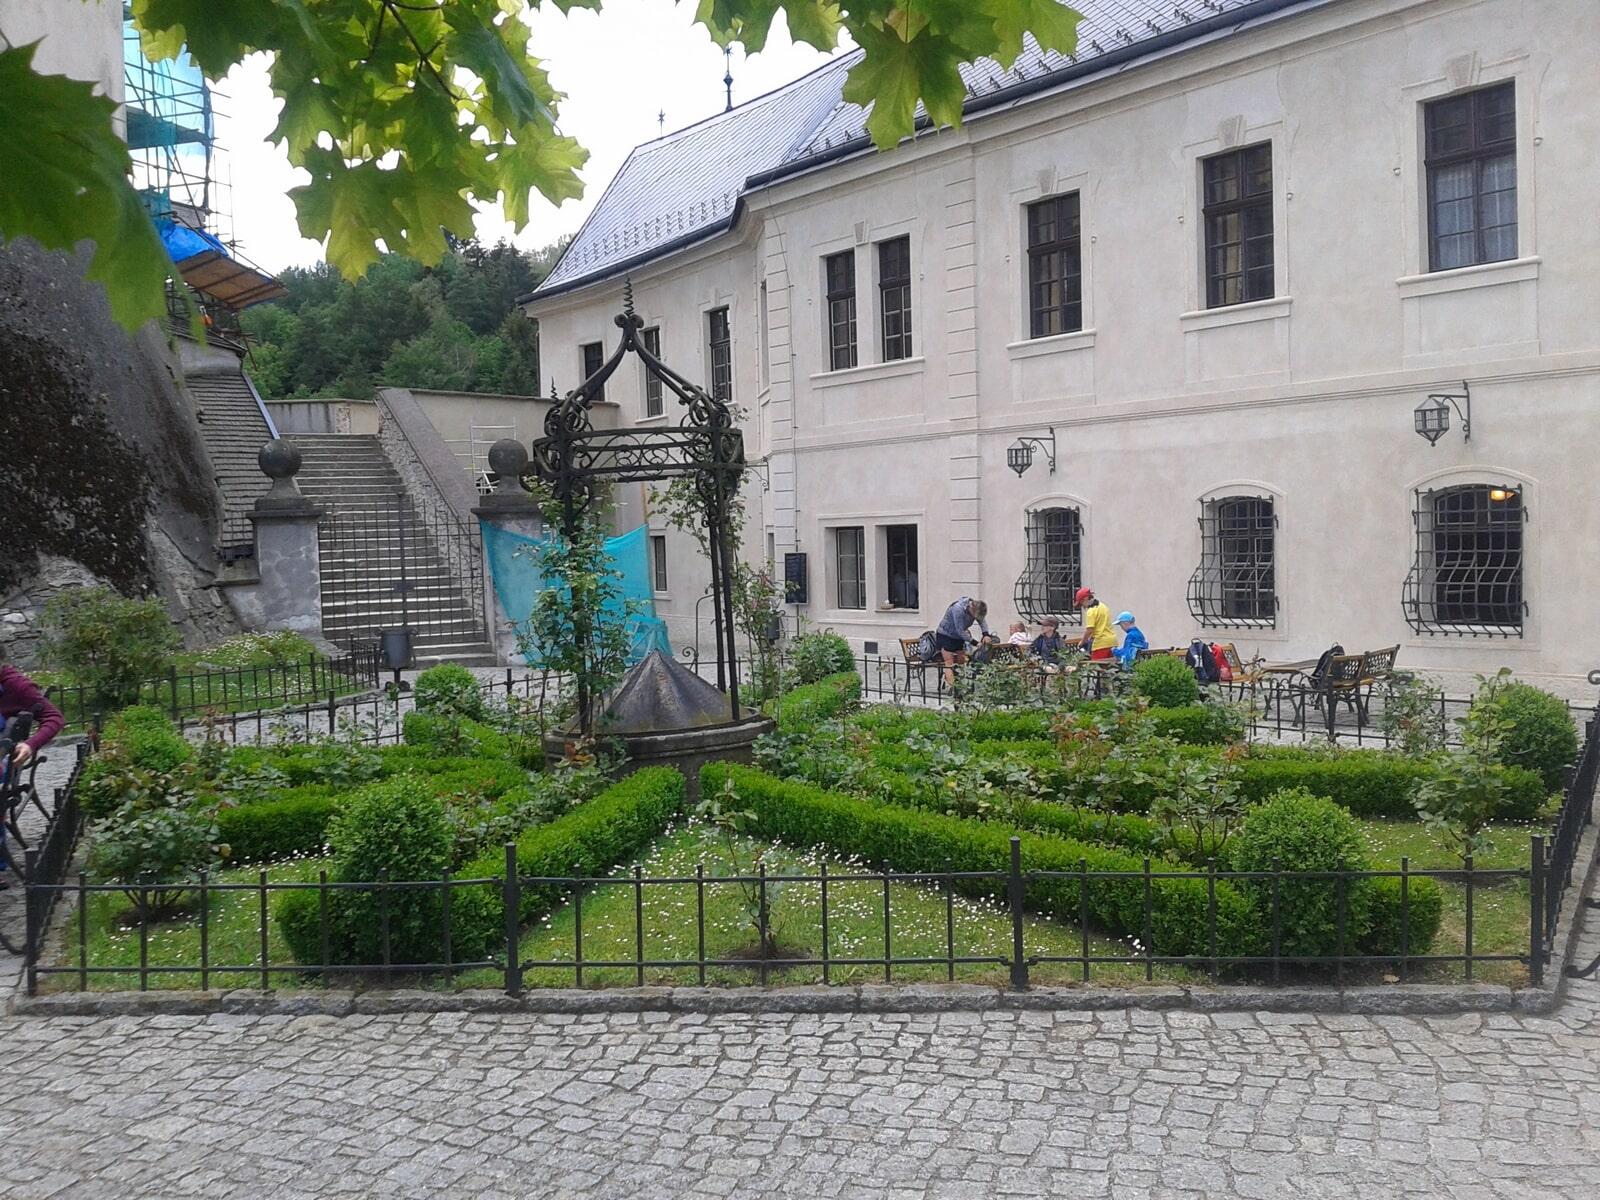 Konopiste and Cesky Sternberk Castles – MARFIS TOUR s.r.o.